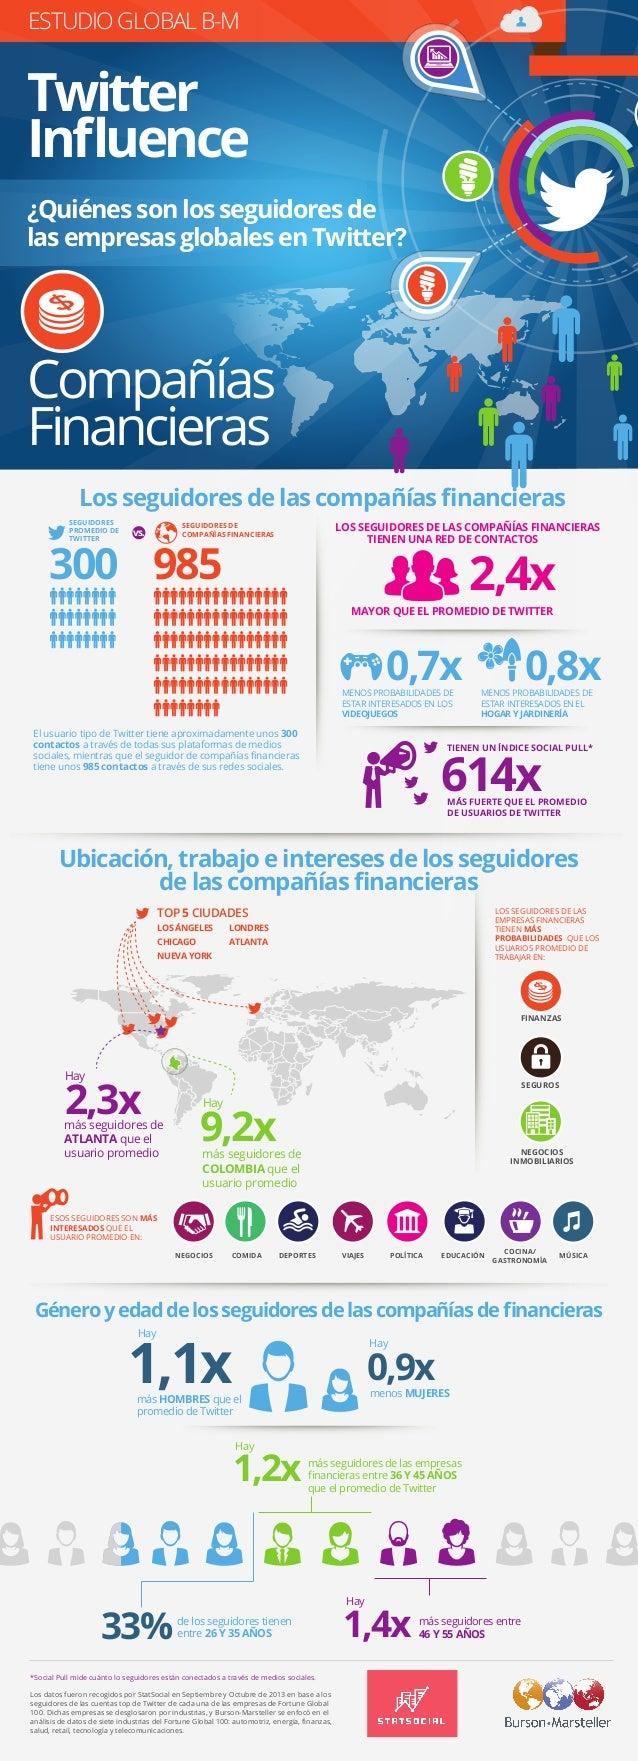 Estudio Global B-M Twitter Influence - FINANCIERAS